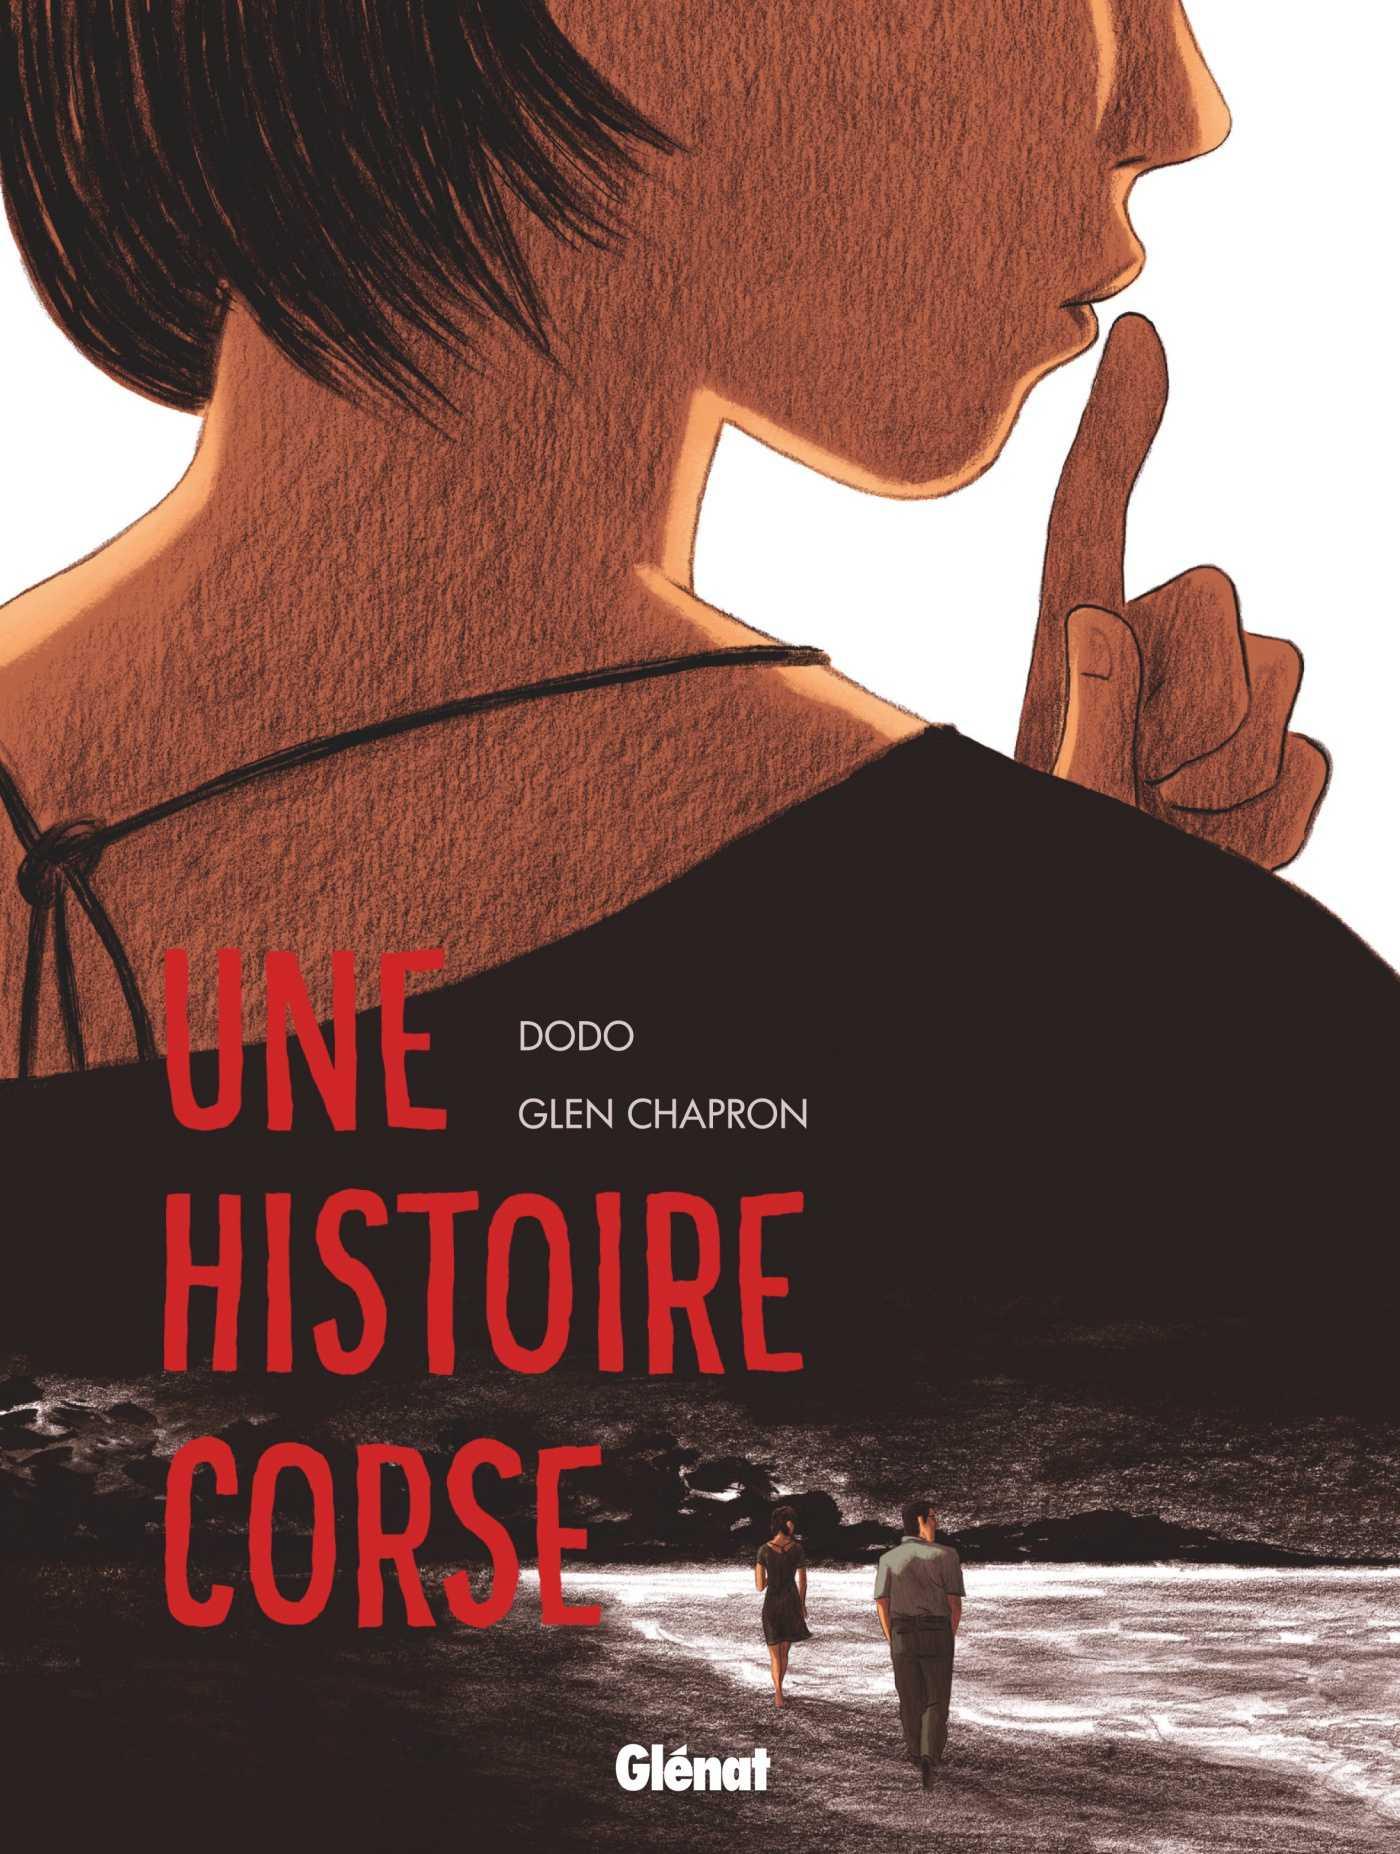 Une Histoire Corse, omerta et vendetta politico-familiale